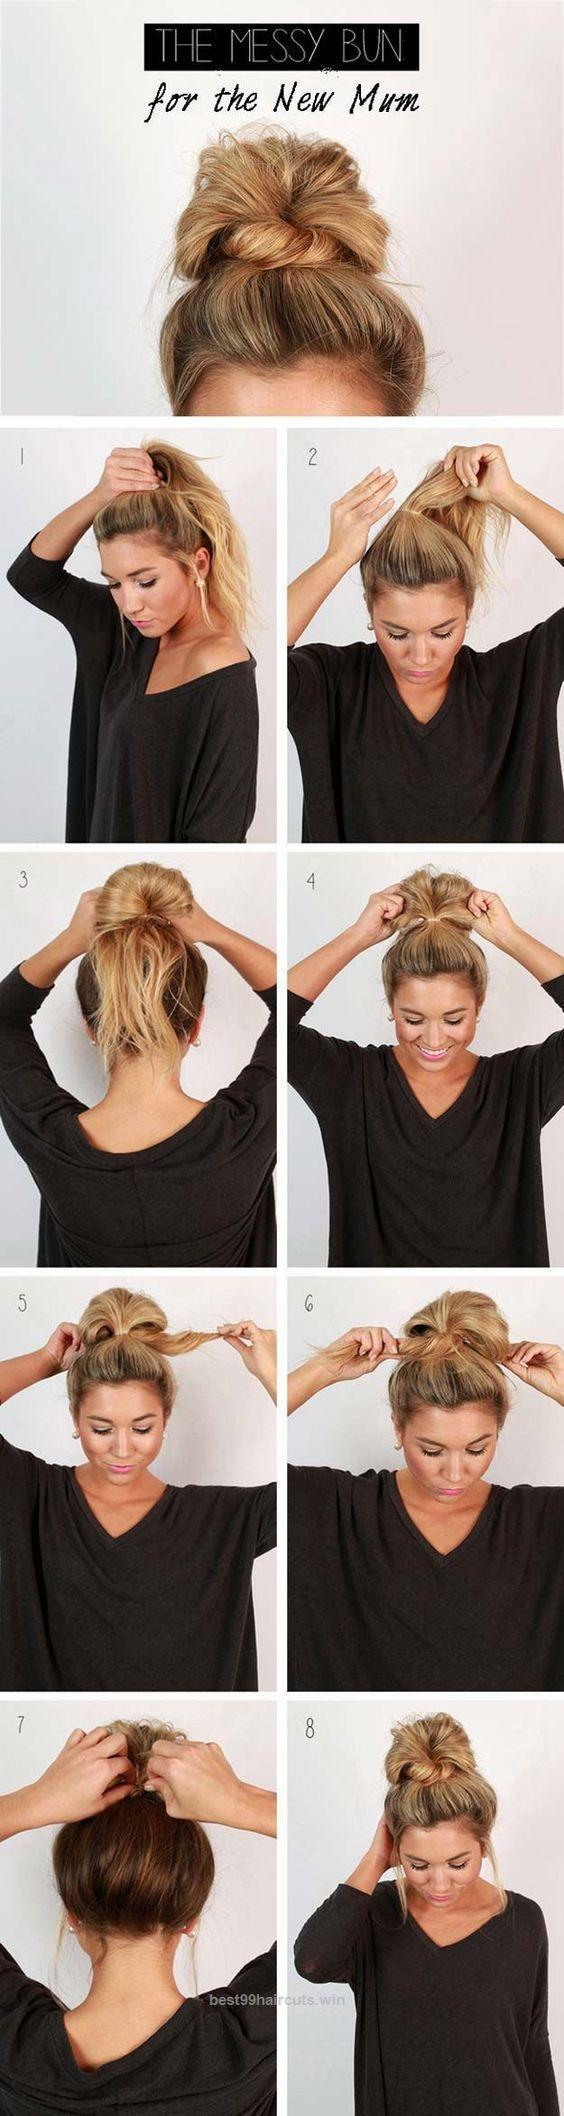 25 + › Coole und einfache DIY-Frisuren – unordentlicher Brötchen – schnelle und einfache Idee…